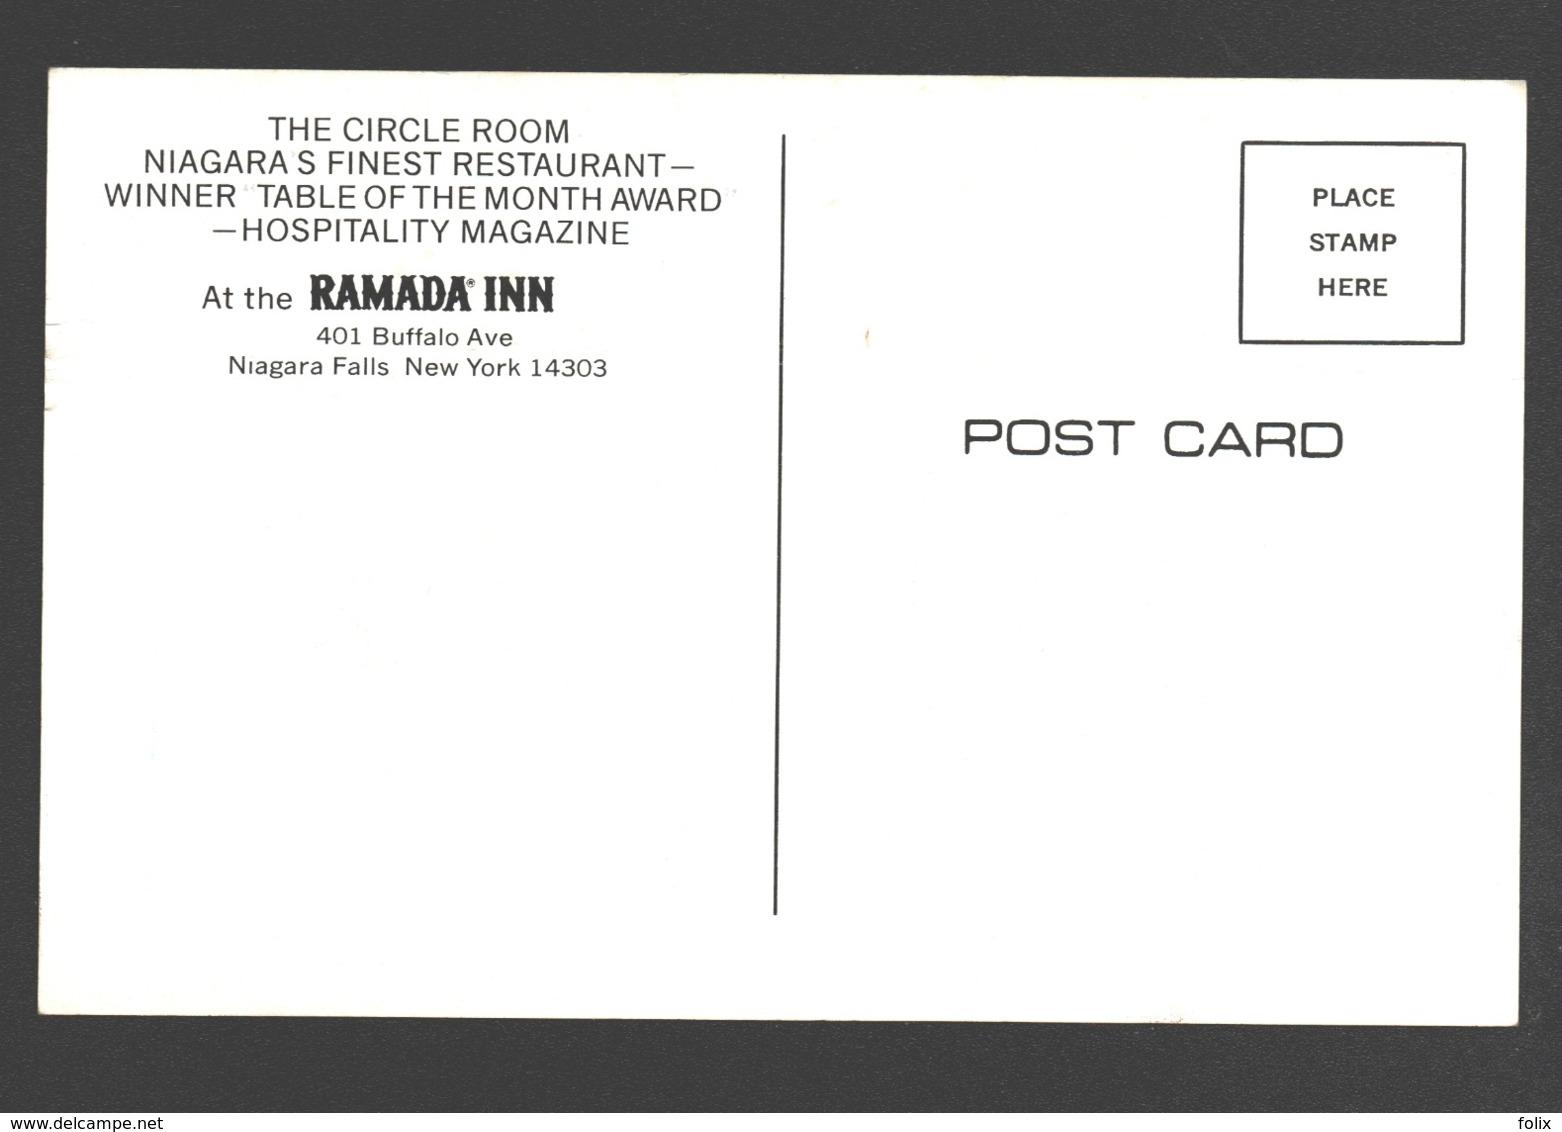 Niagara Falls - Ramada Inn - Winner 'Table Of The Month Award - Hospitality Magazine' - NY - New York